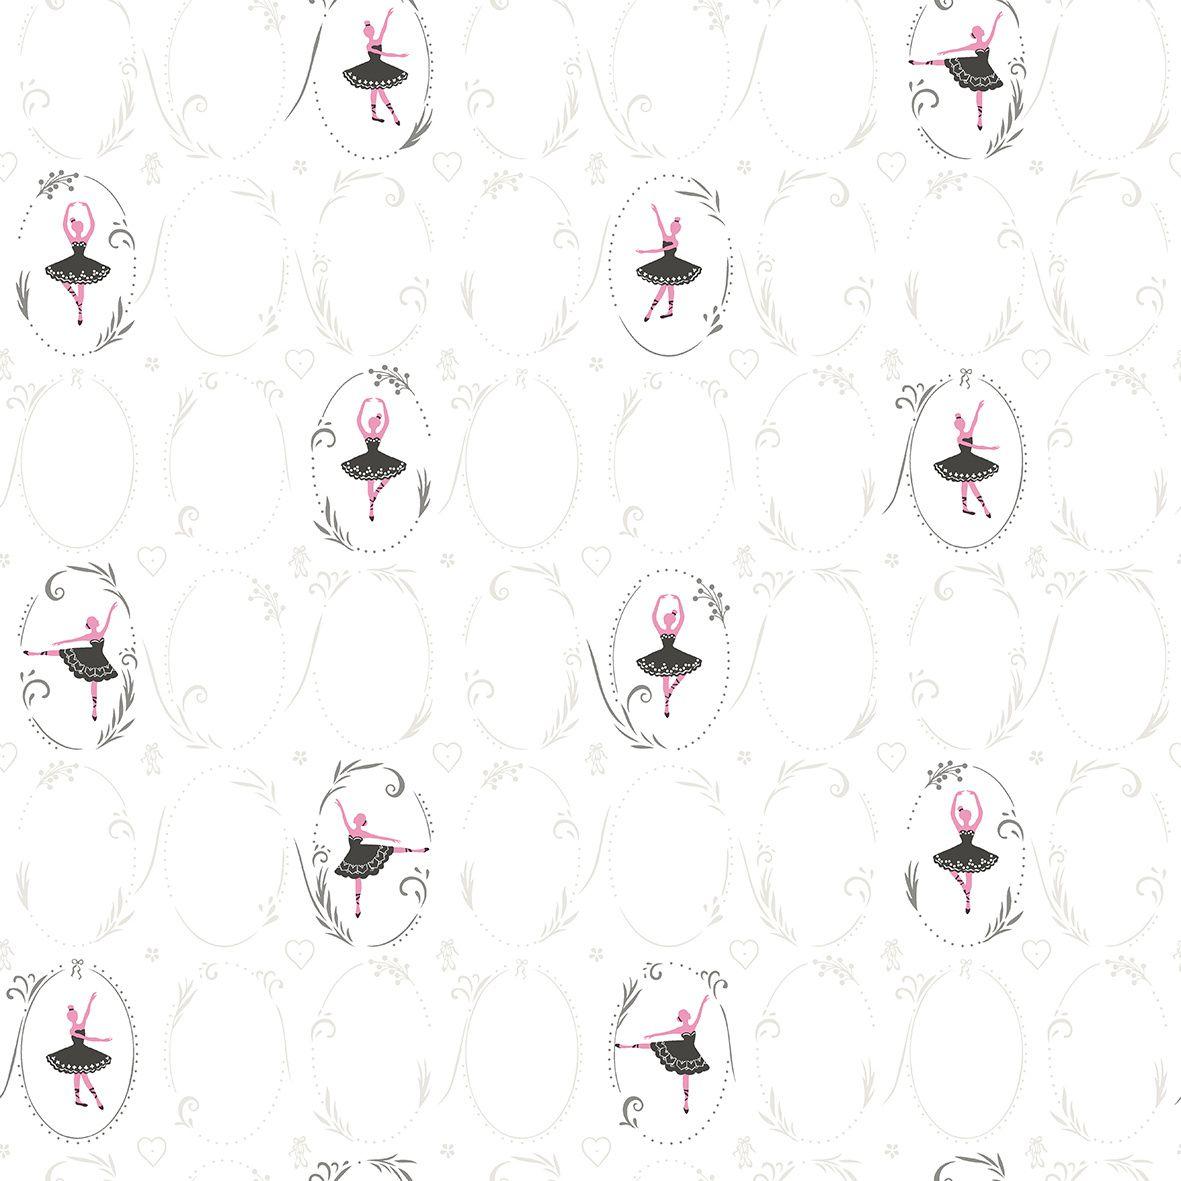 Papel de Parede  Infantil Kan Tai Coleção Olá Baby 2 Bailarinas Marfim, Preto, Rosa